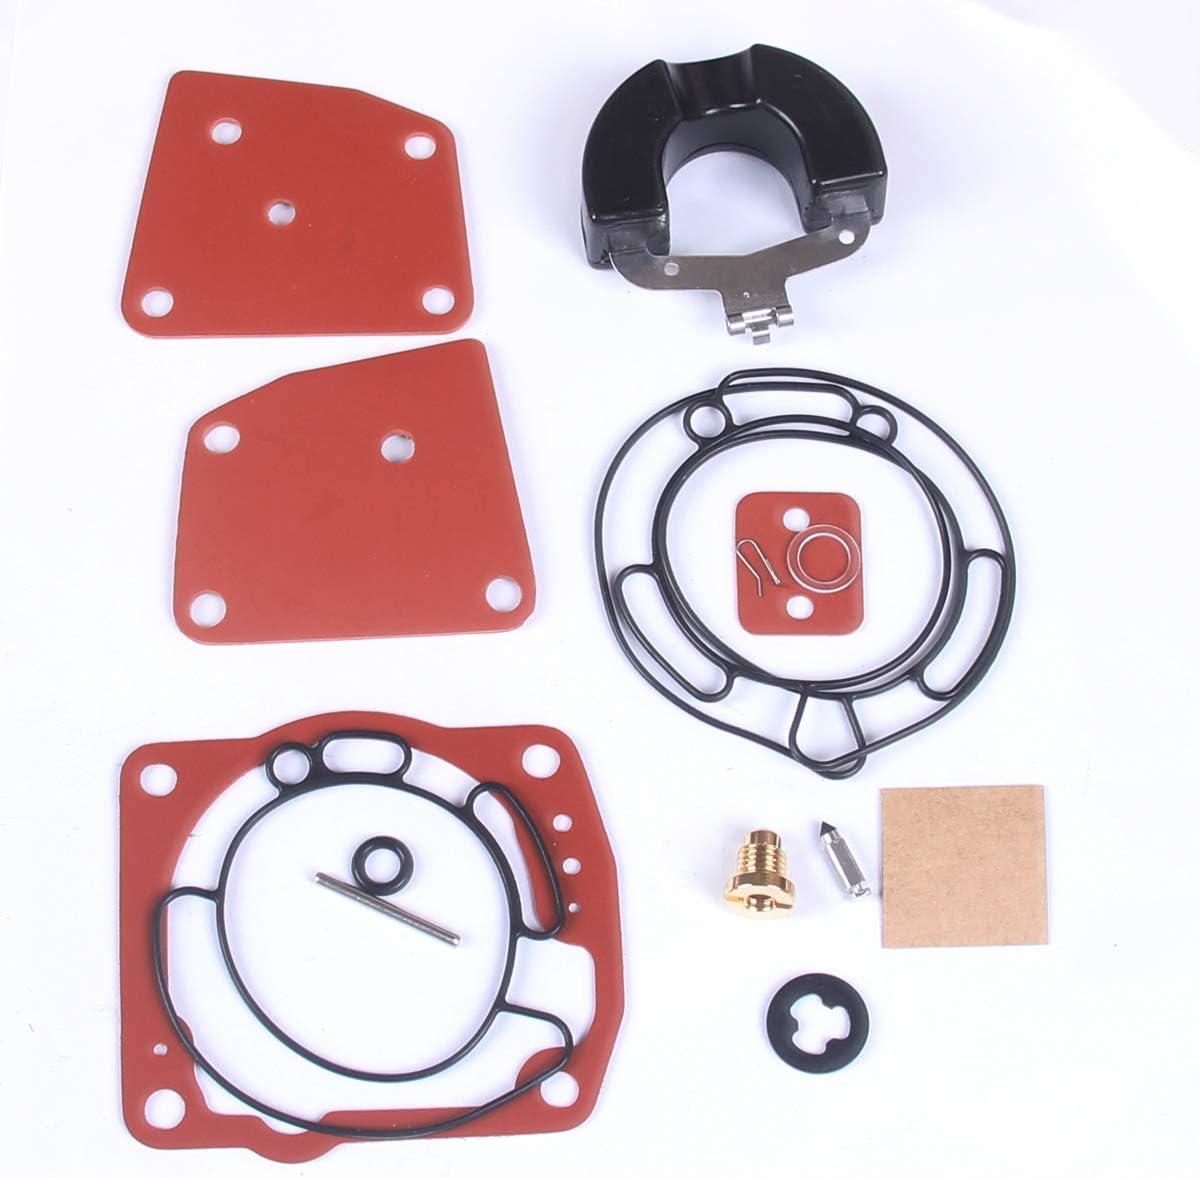 New Carburetor Rebuild Kit For JOHNSON EVINRUDE V4 V6 90 115 125 150 175 HP 438996 18-7247 CARB